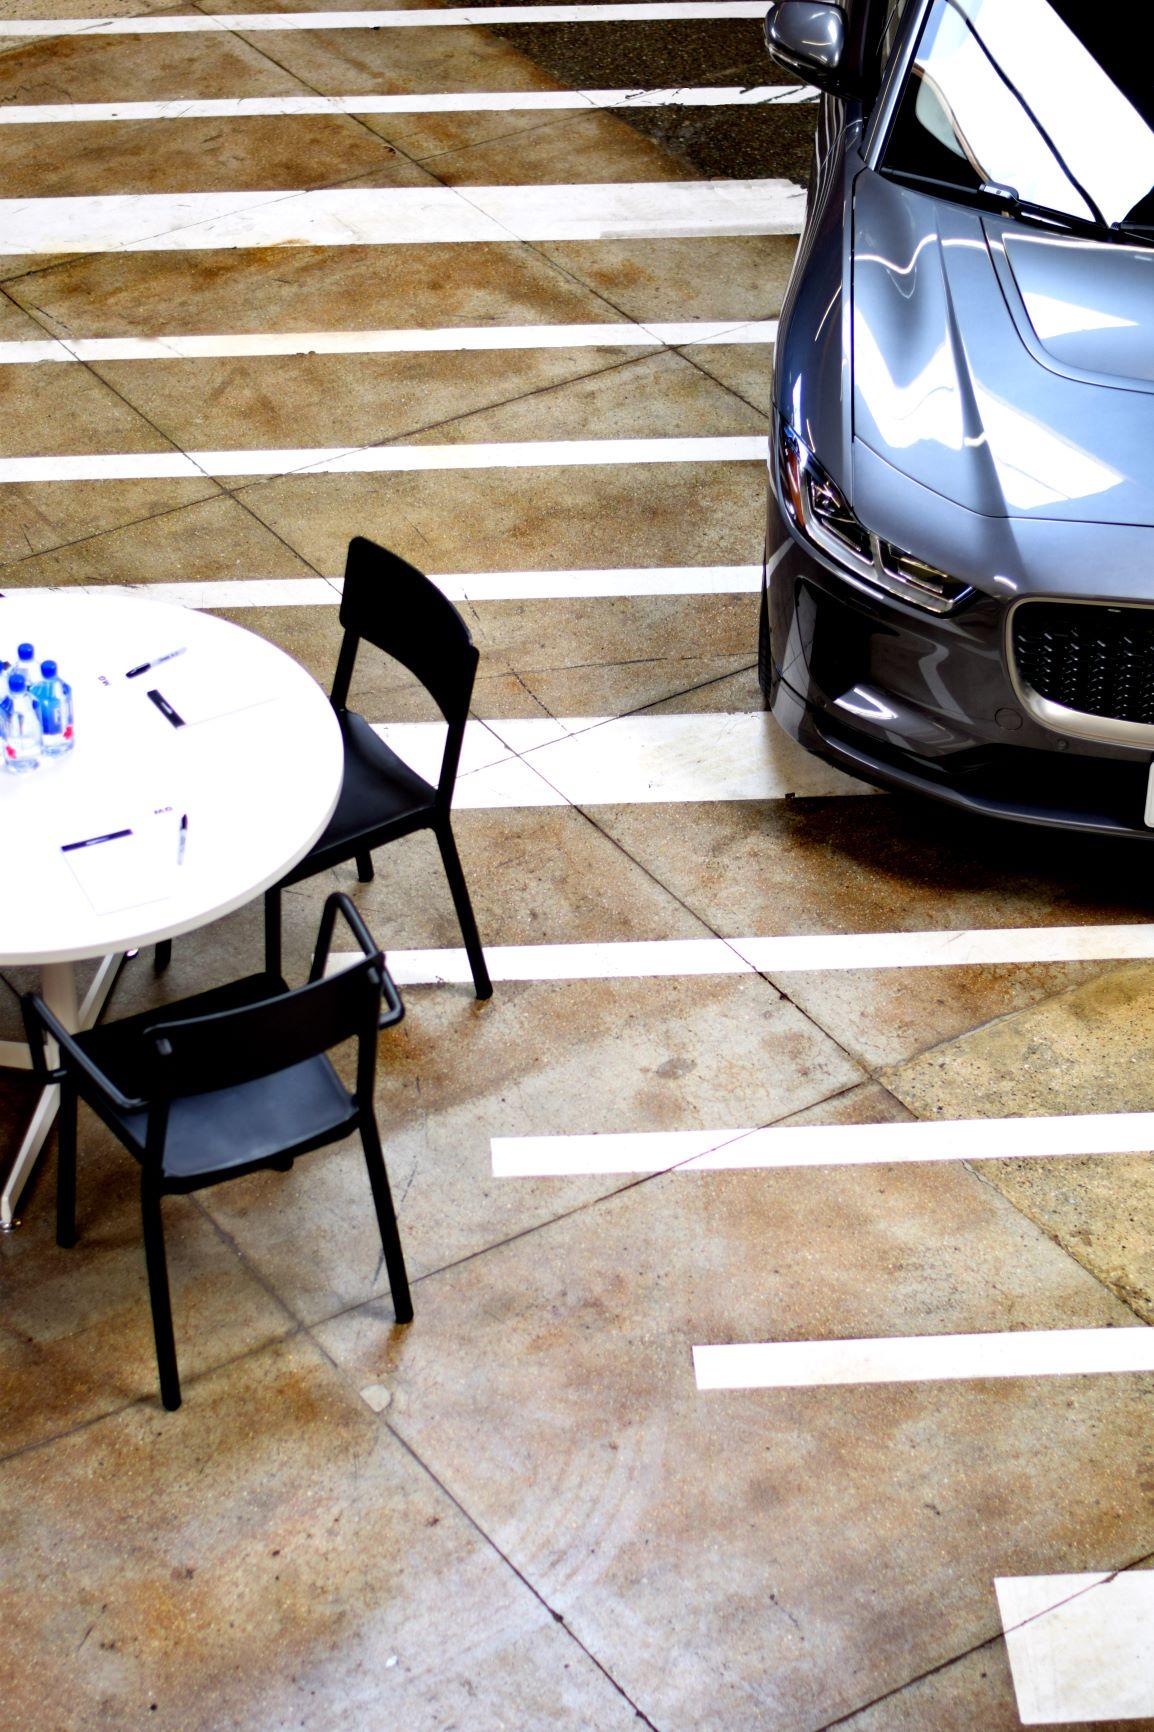 Car Clinic Focus Group Table Setup